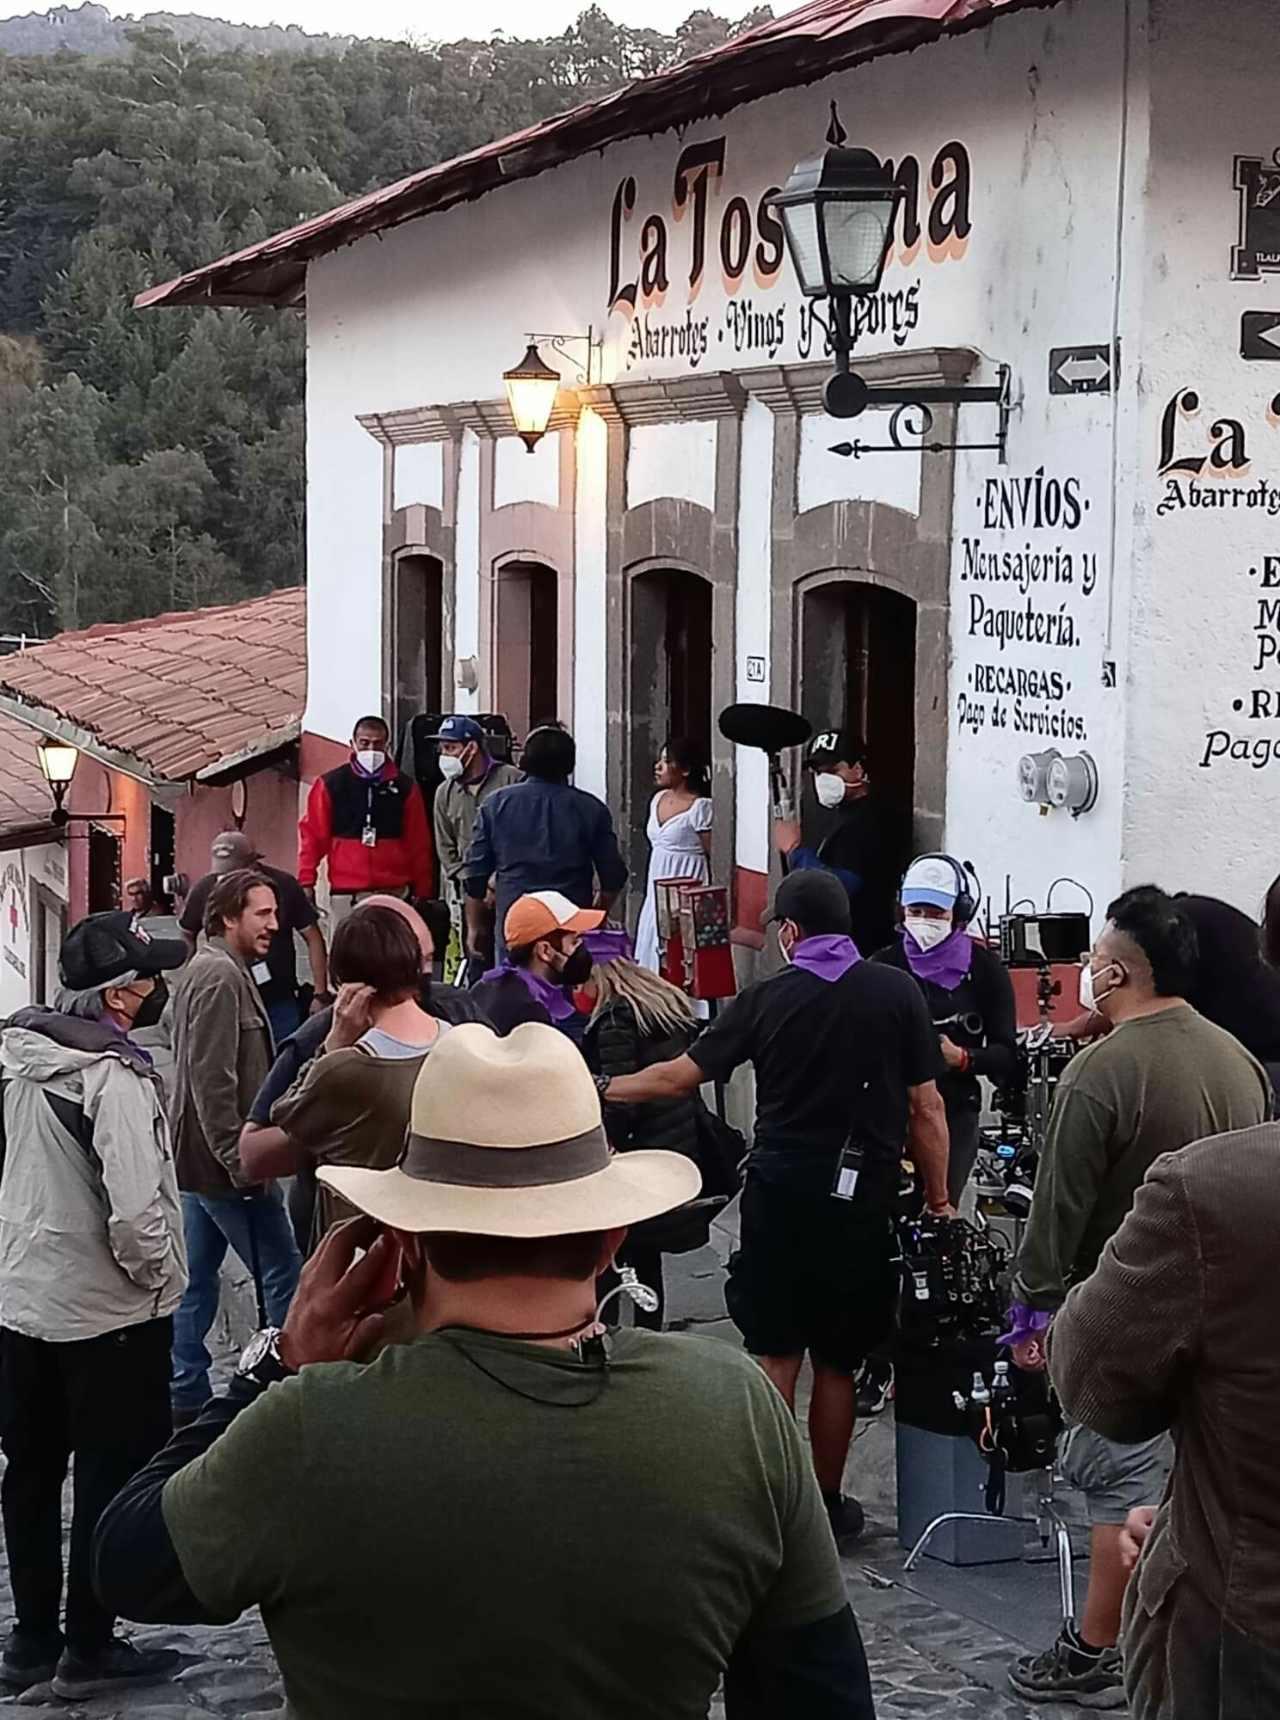 Yalitza Aparicio grabaciones nueva película suspenso presencias